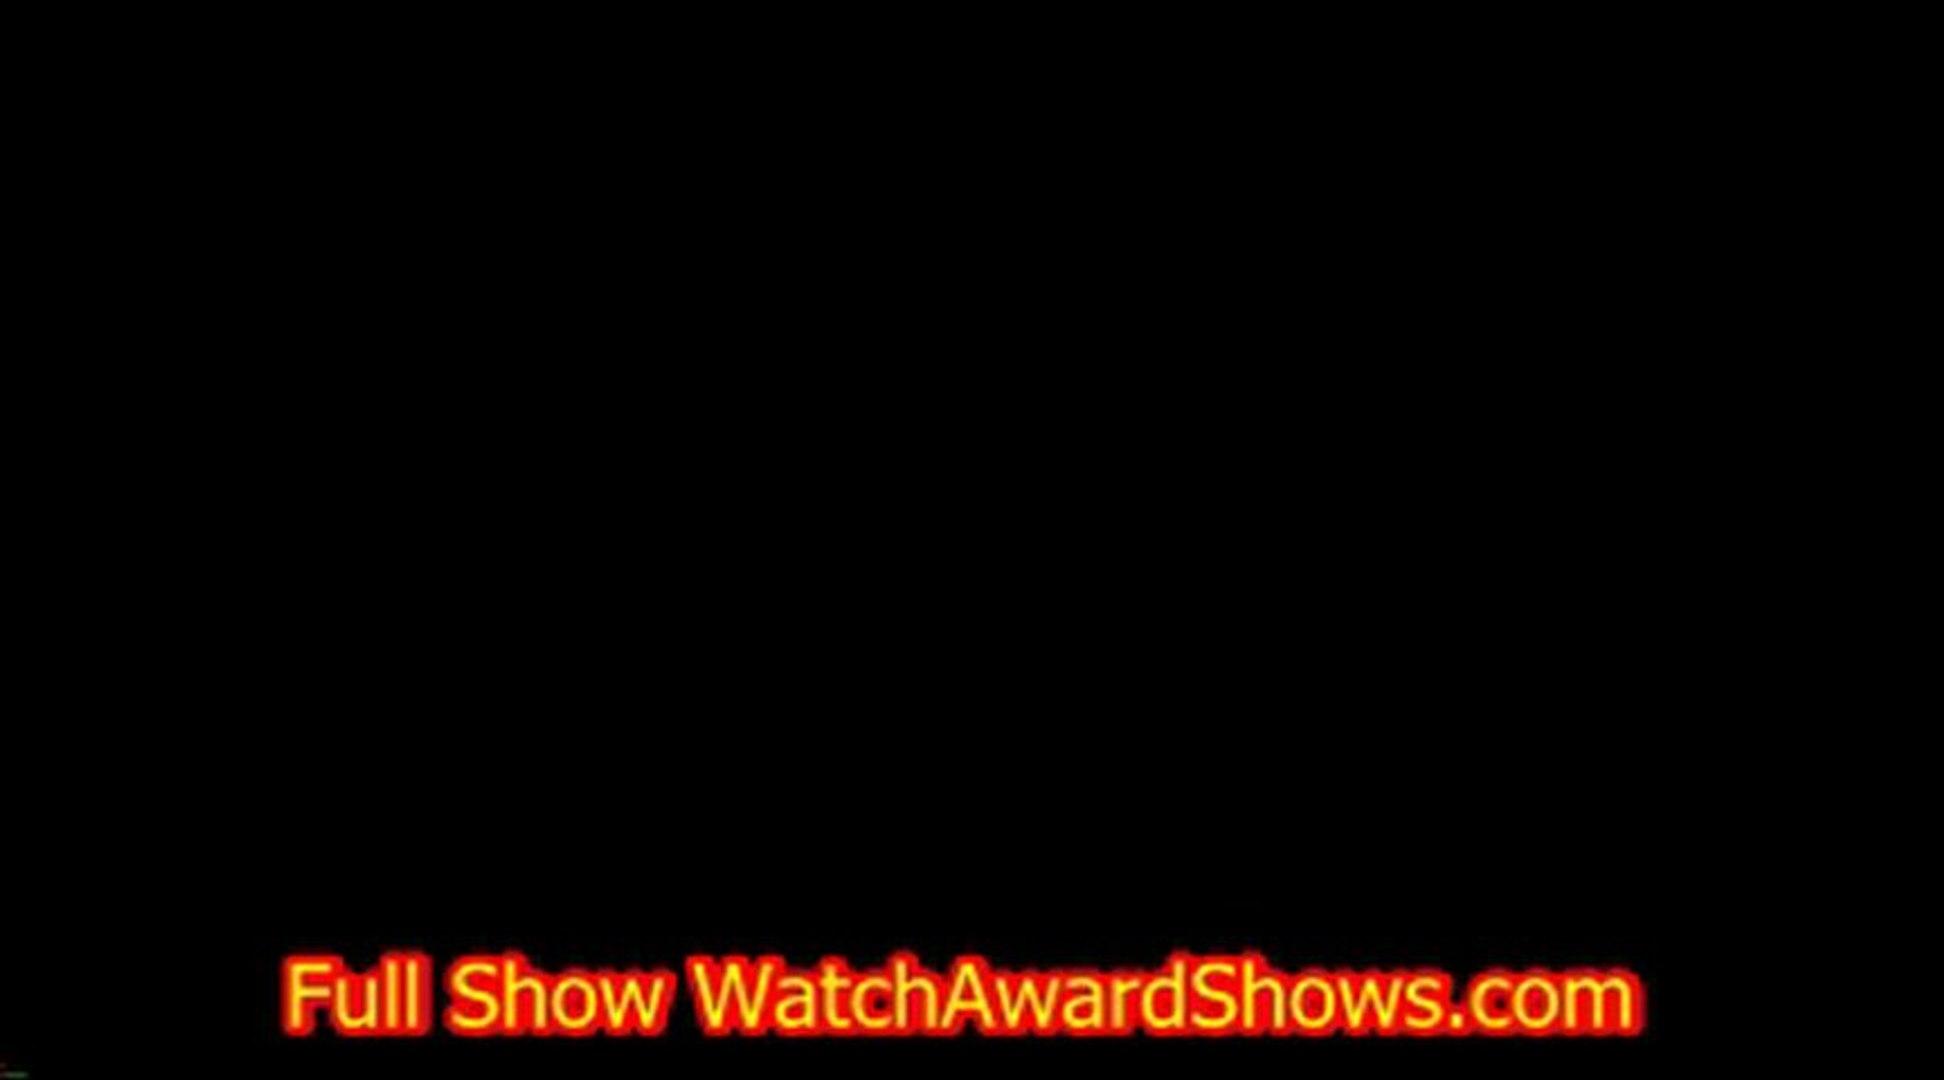 adele shirley Oscar Awards 2013